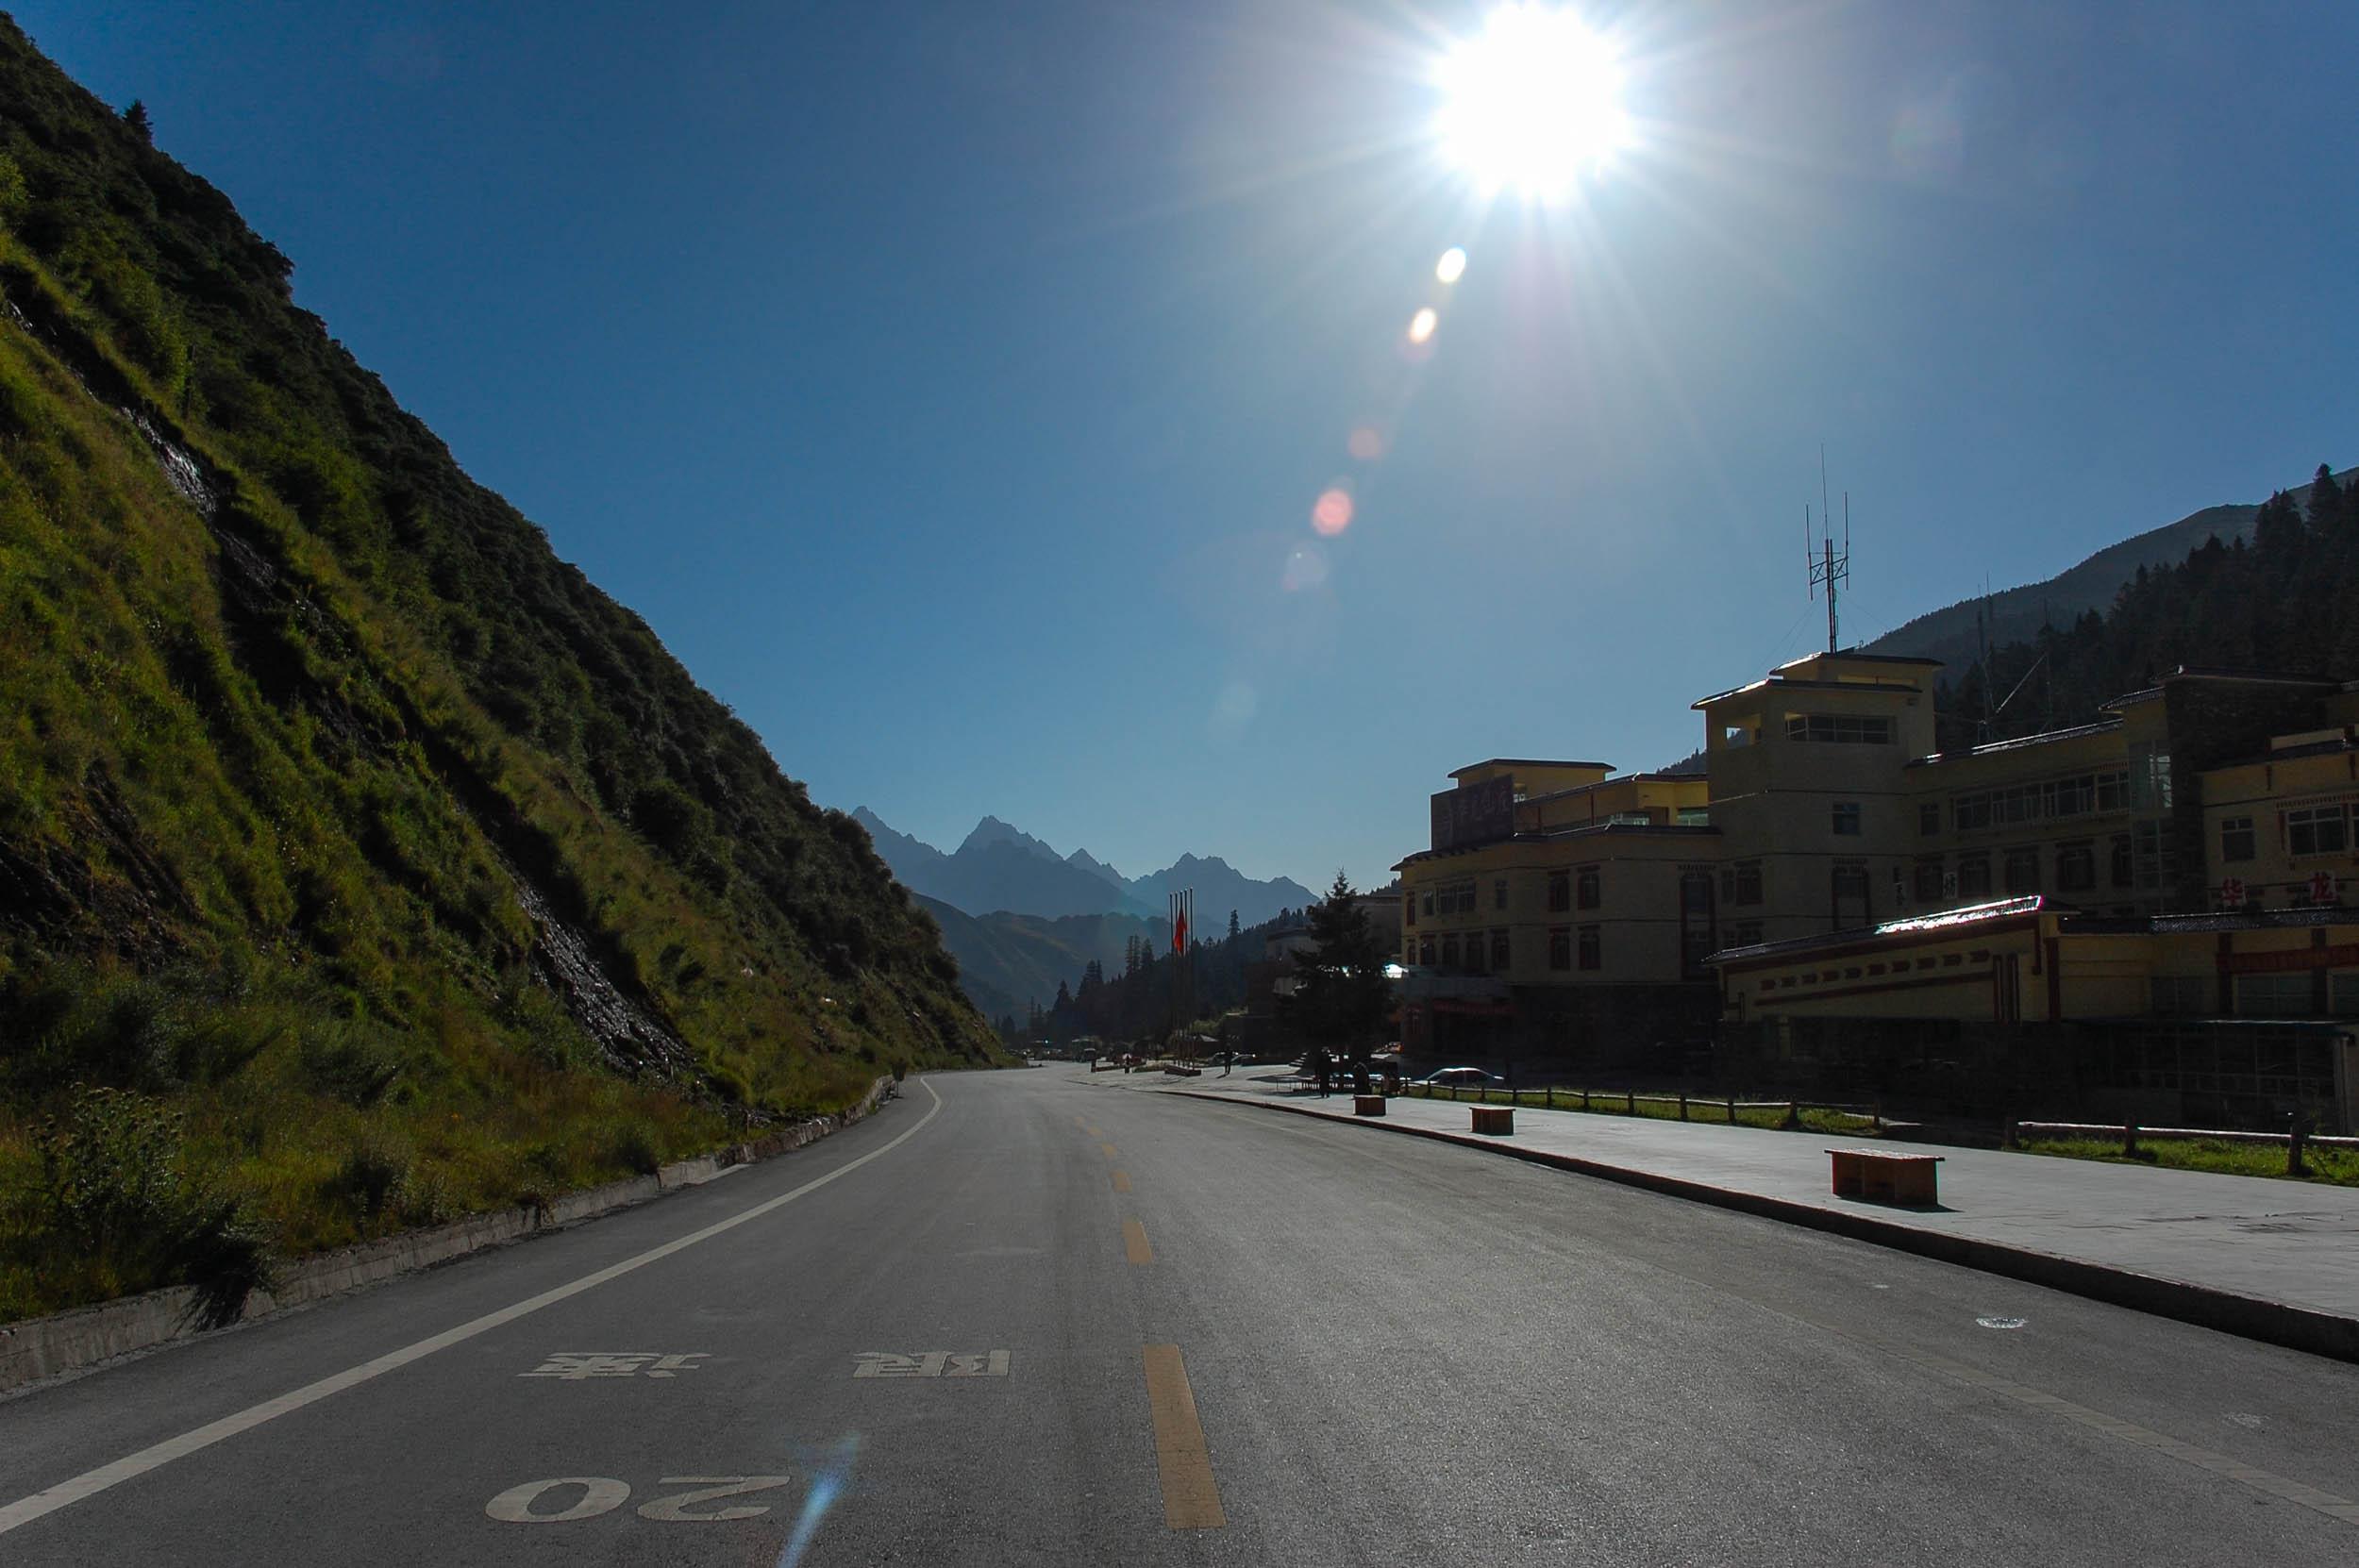 黄龍入口前の道路